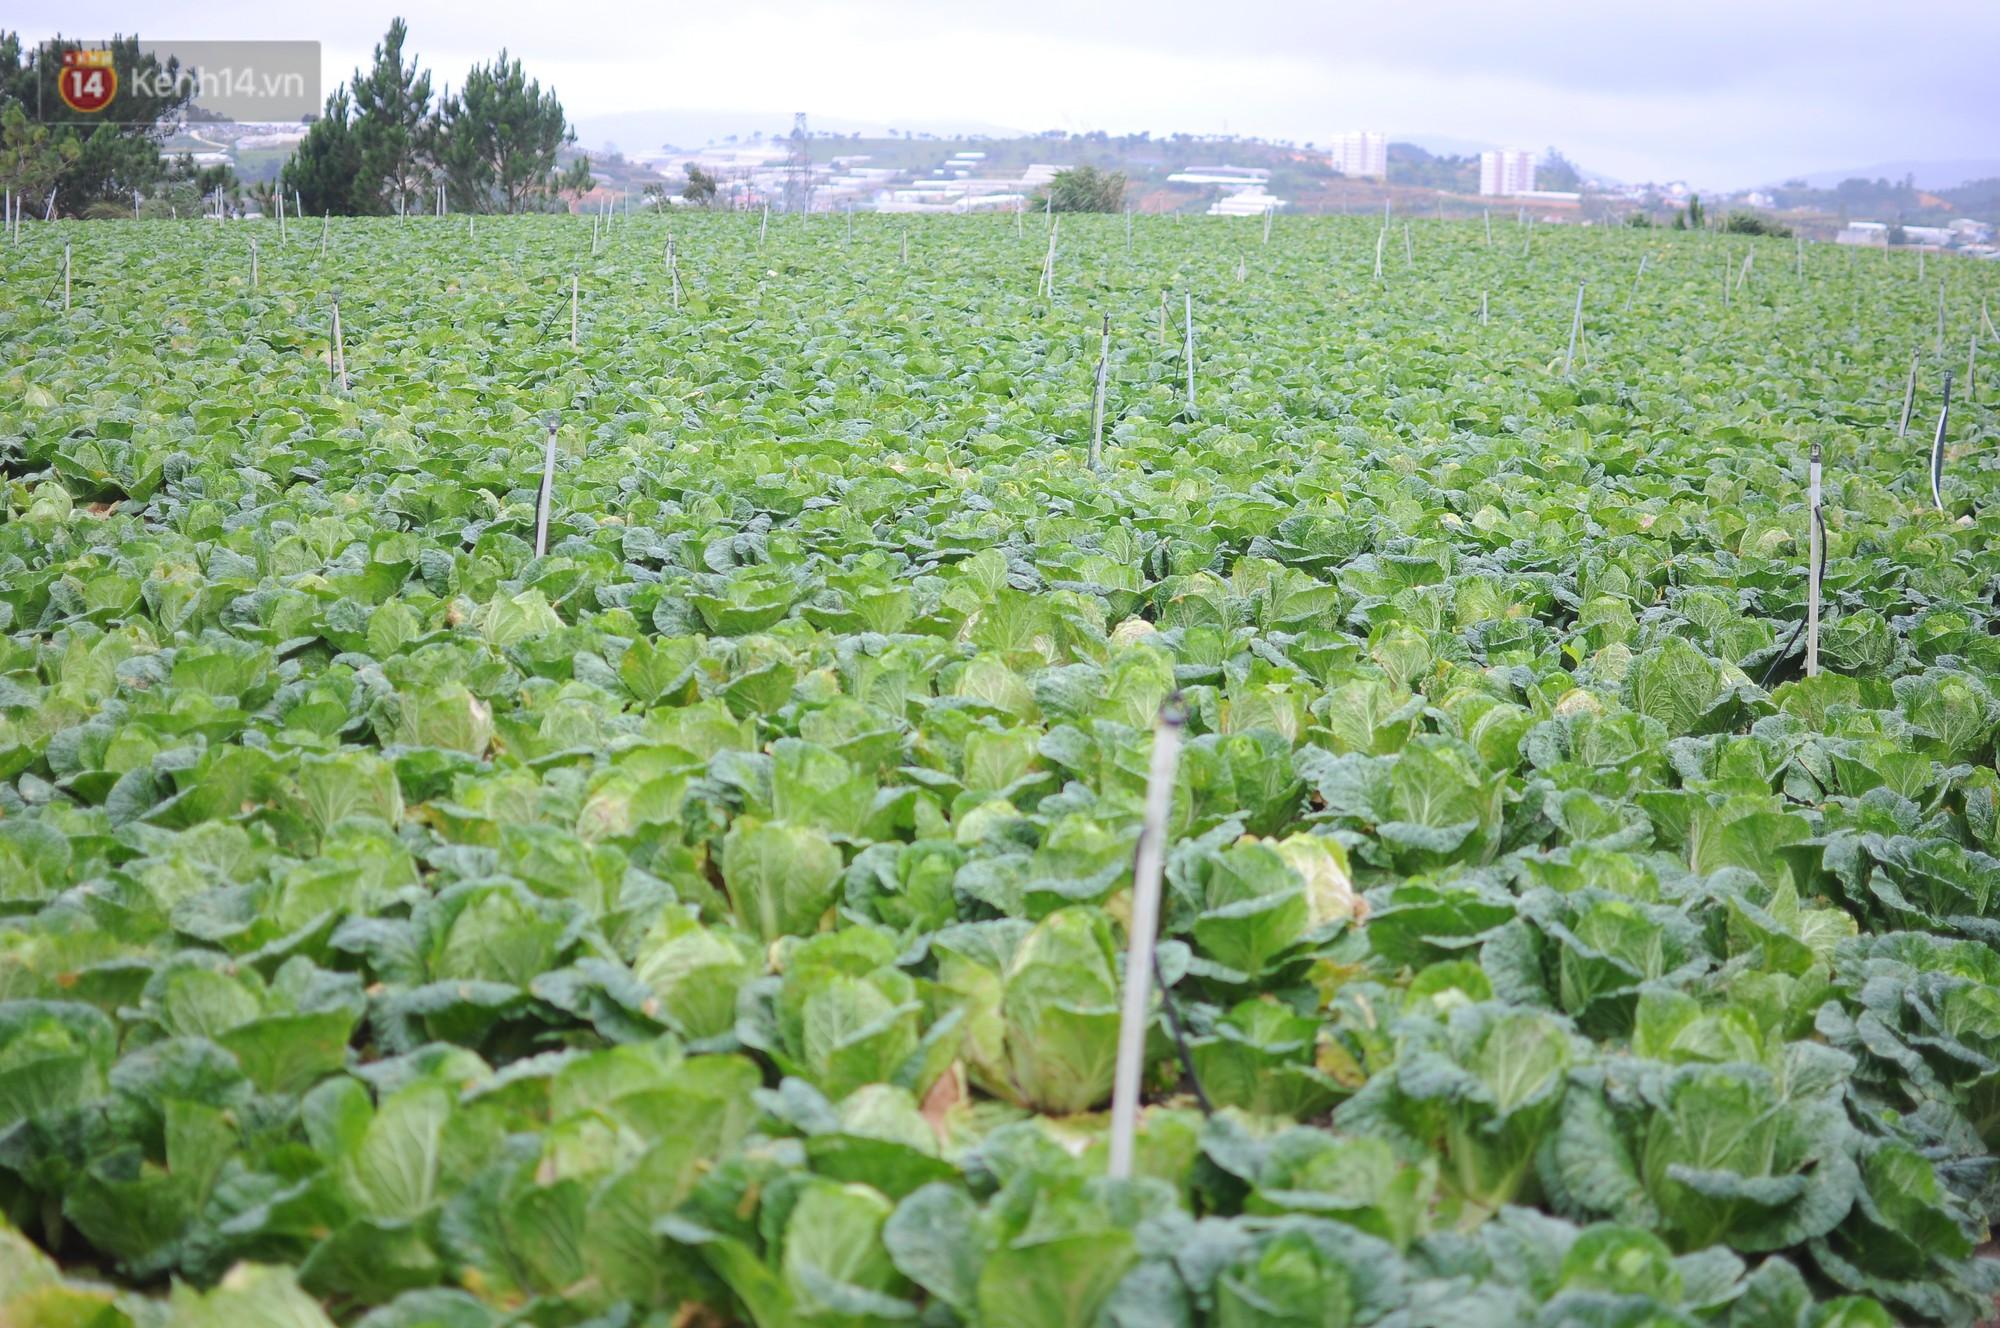 Nông dân khốn khổ vì nông sản Trung Quốc nhái hàng Đà Lạt: